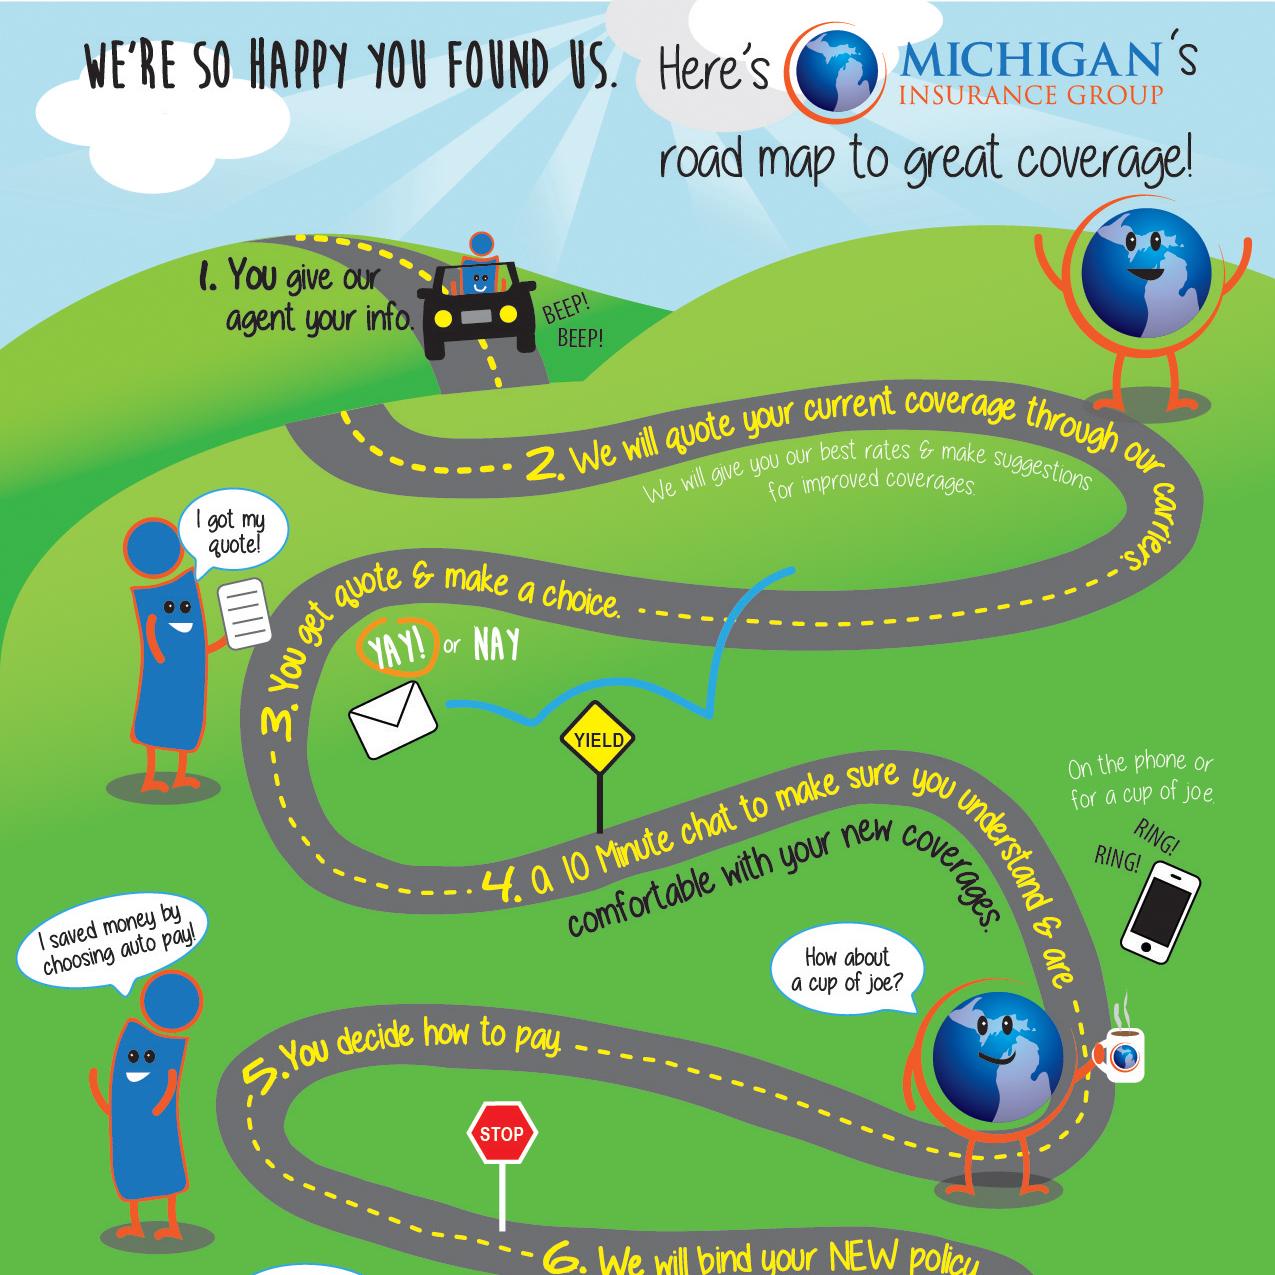 insurance coverage muskegon michigan, auto insurance michigan, insurance infographic